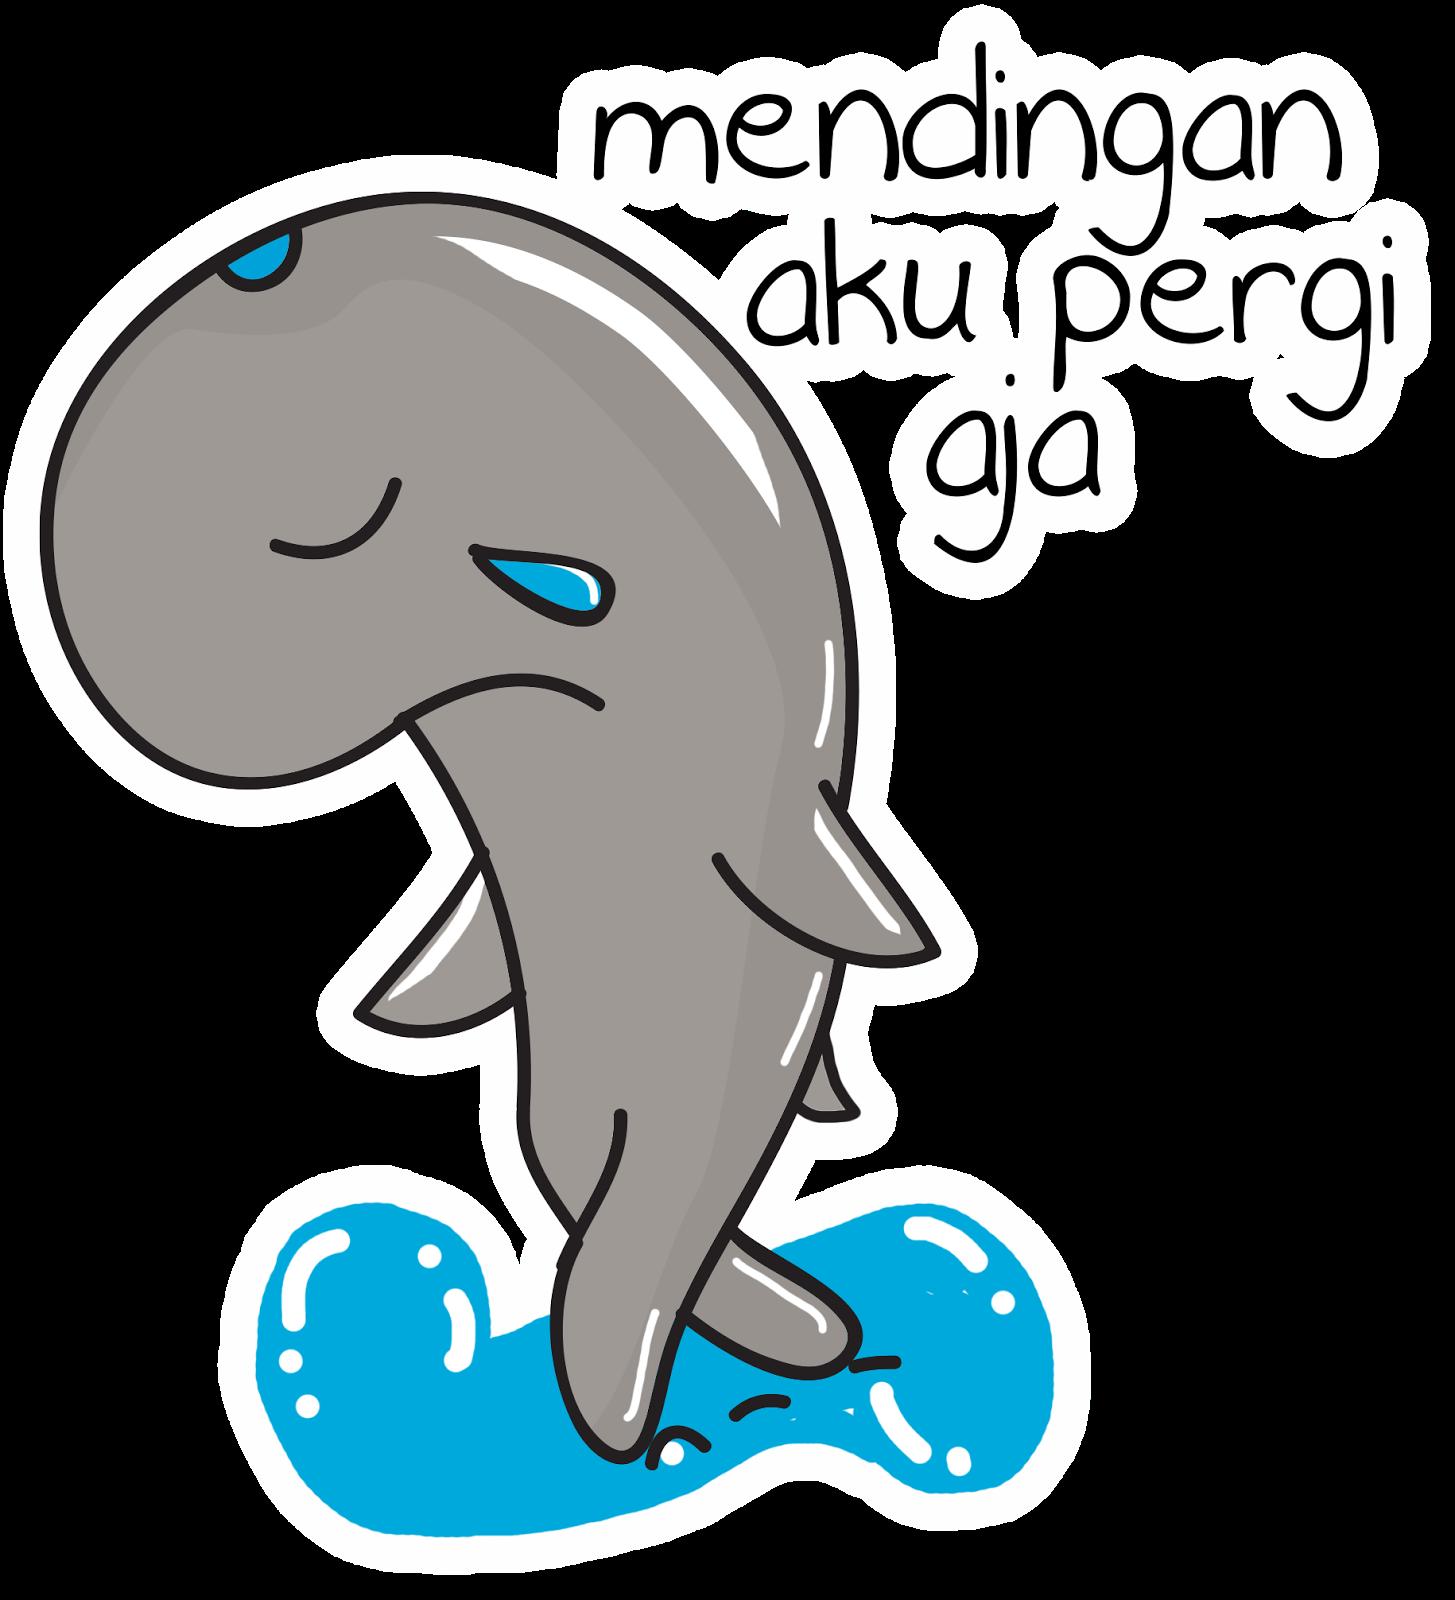 Kerrykill Maskot Samarinda Sungguh Ironis Satwa Menjadi Mascot Kota Sendiri